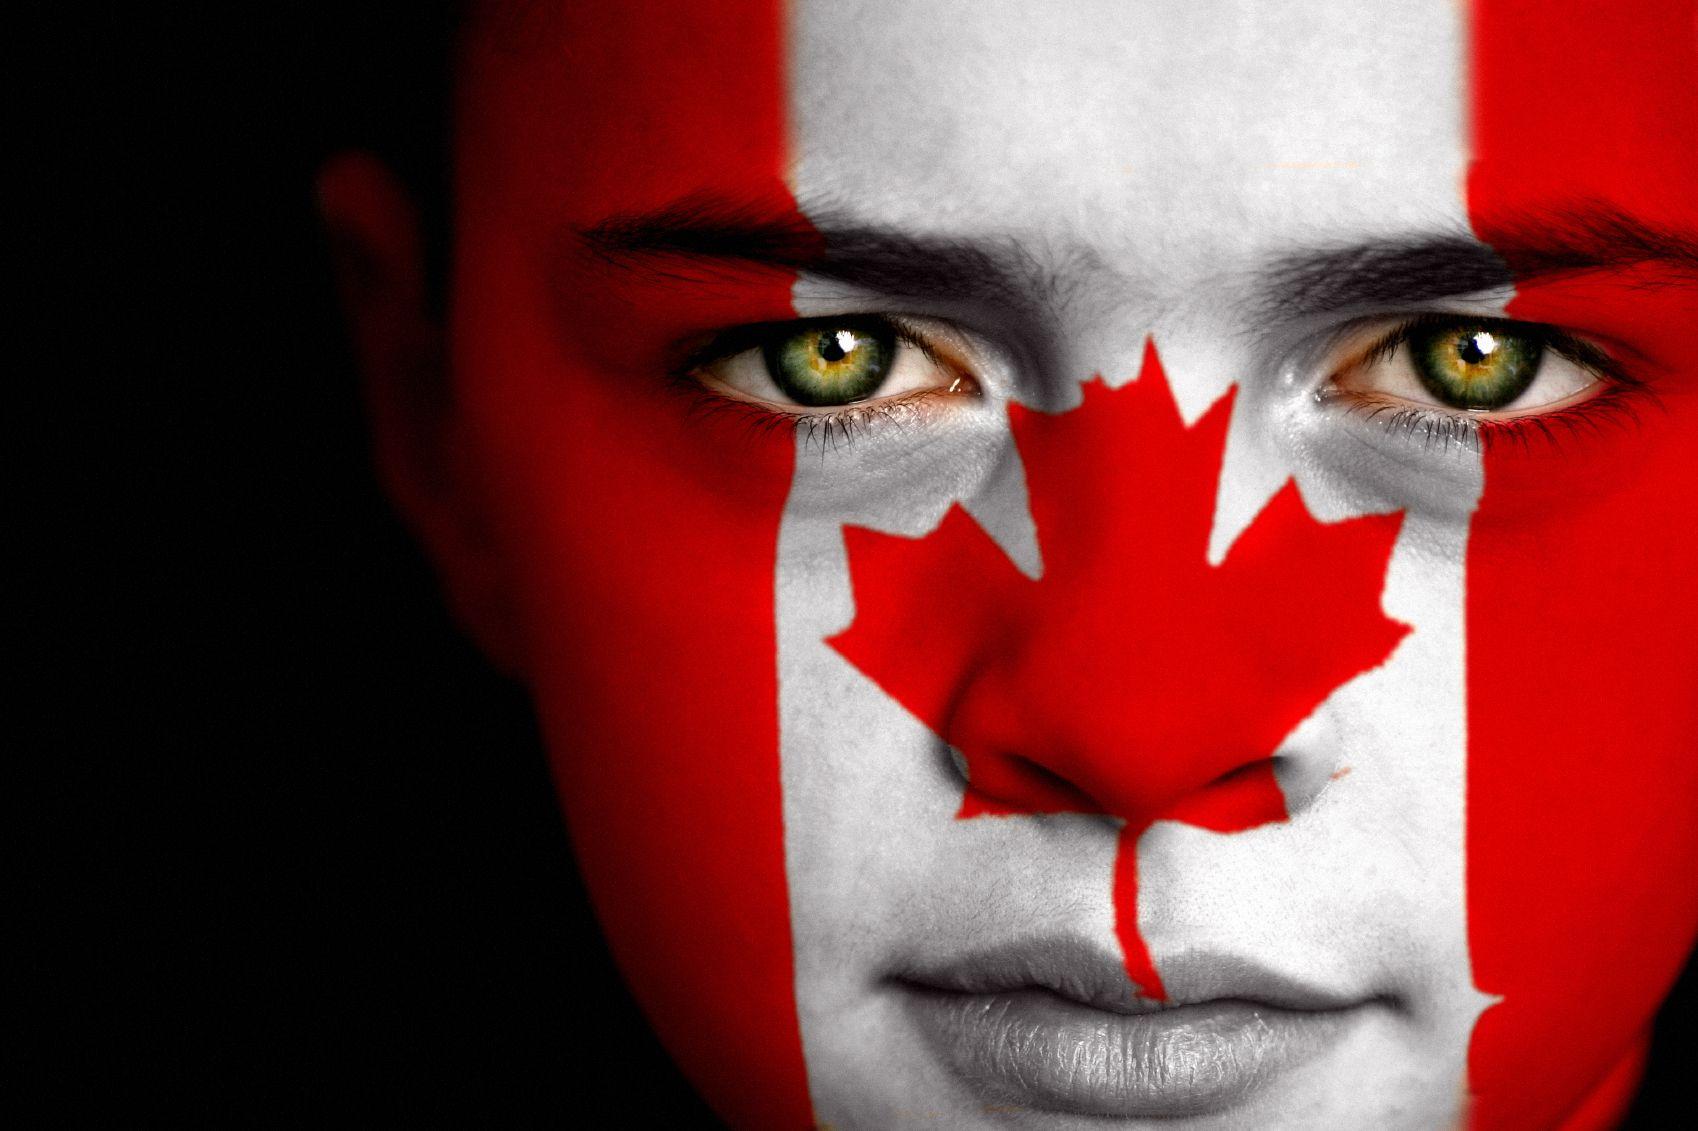 加拿大萨省技术移民本月第一次发出邀请